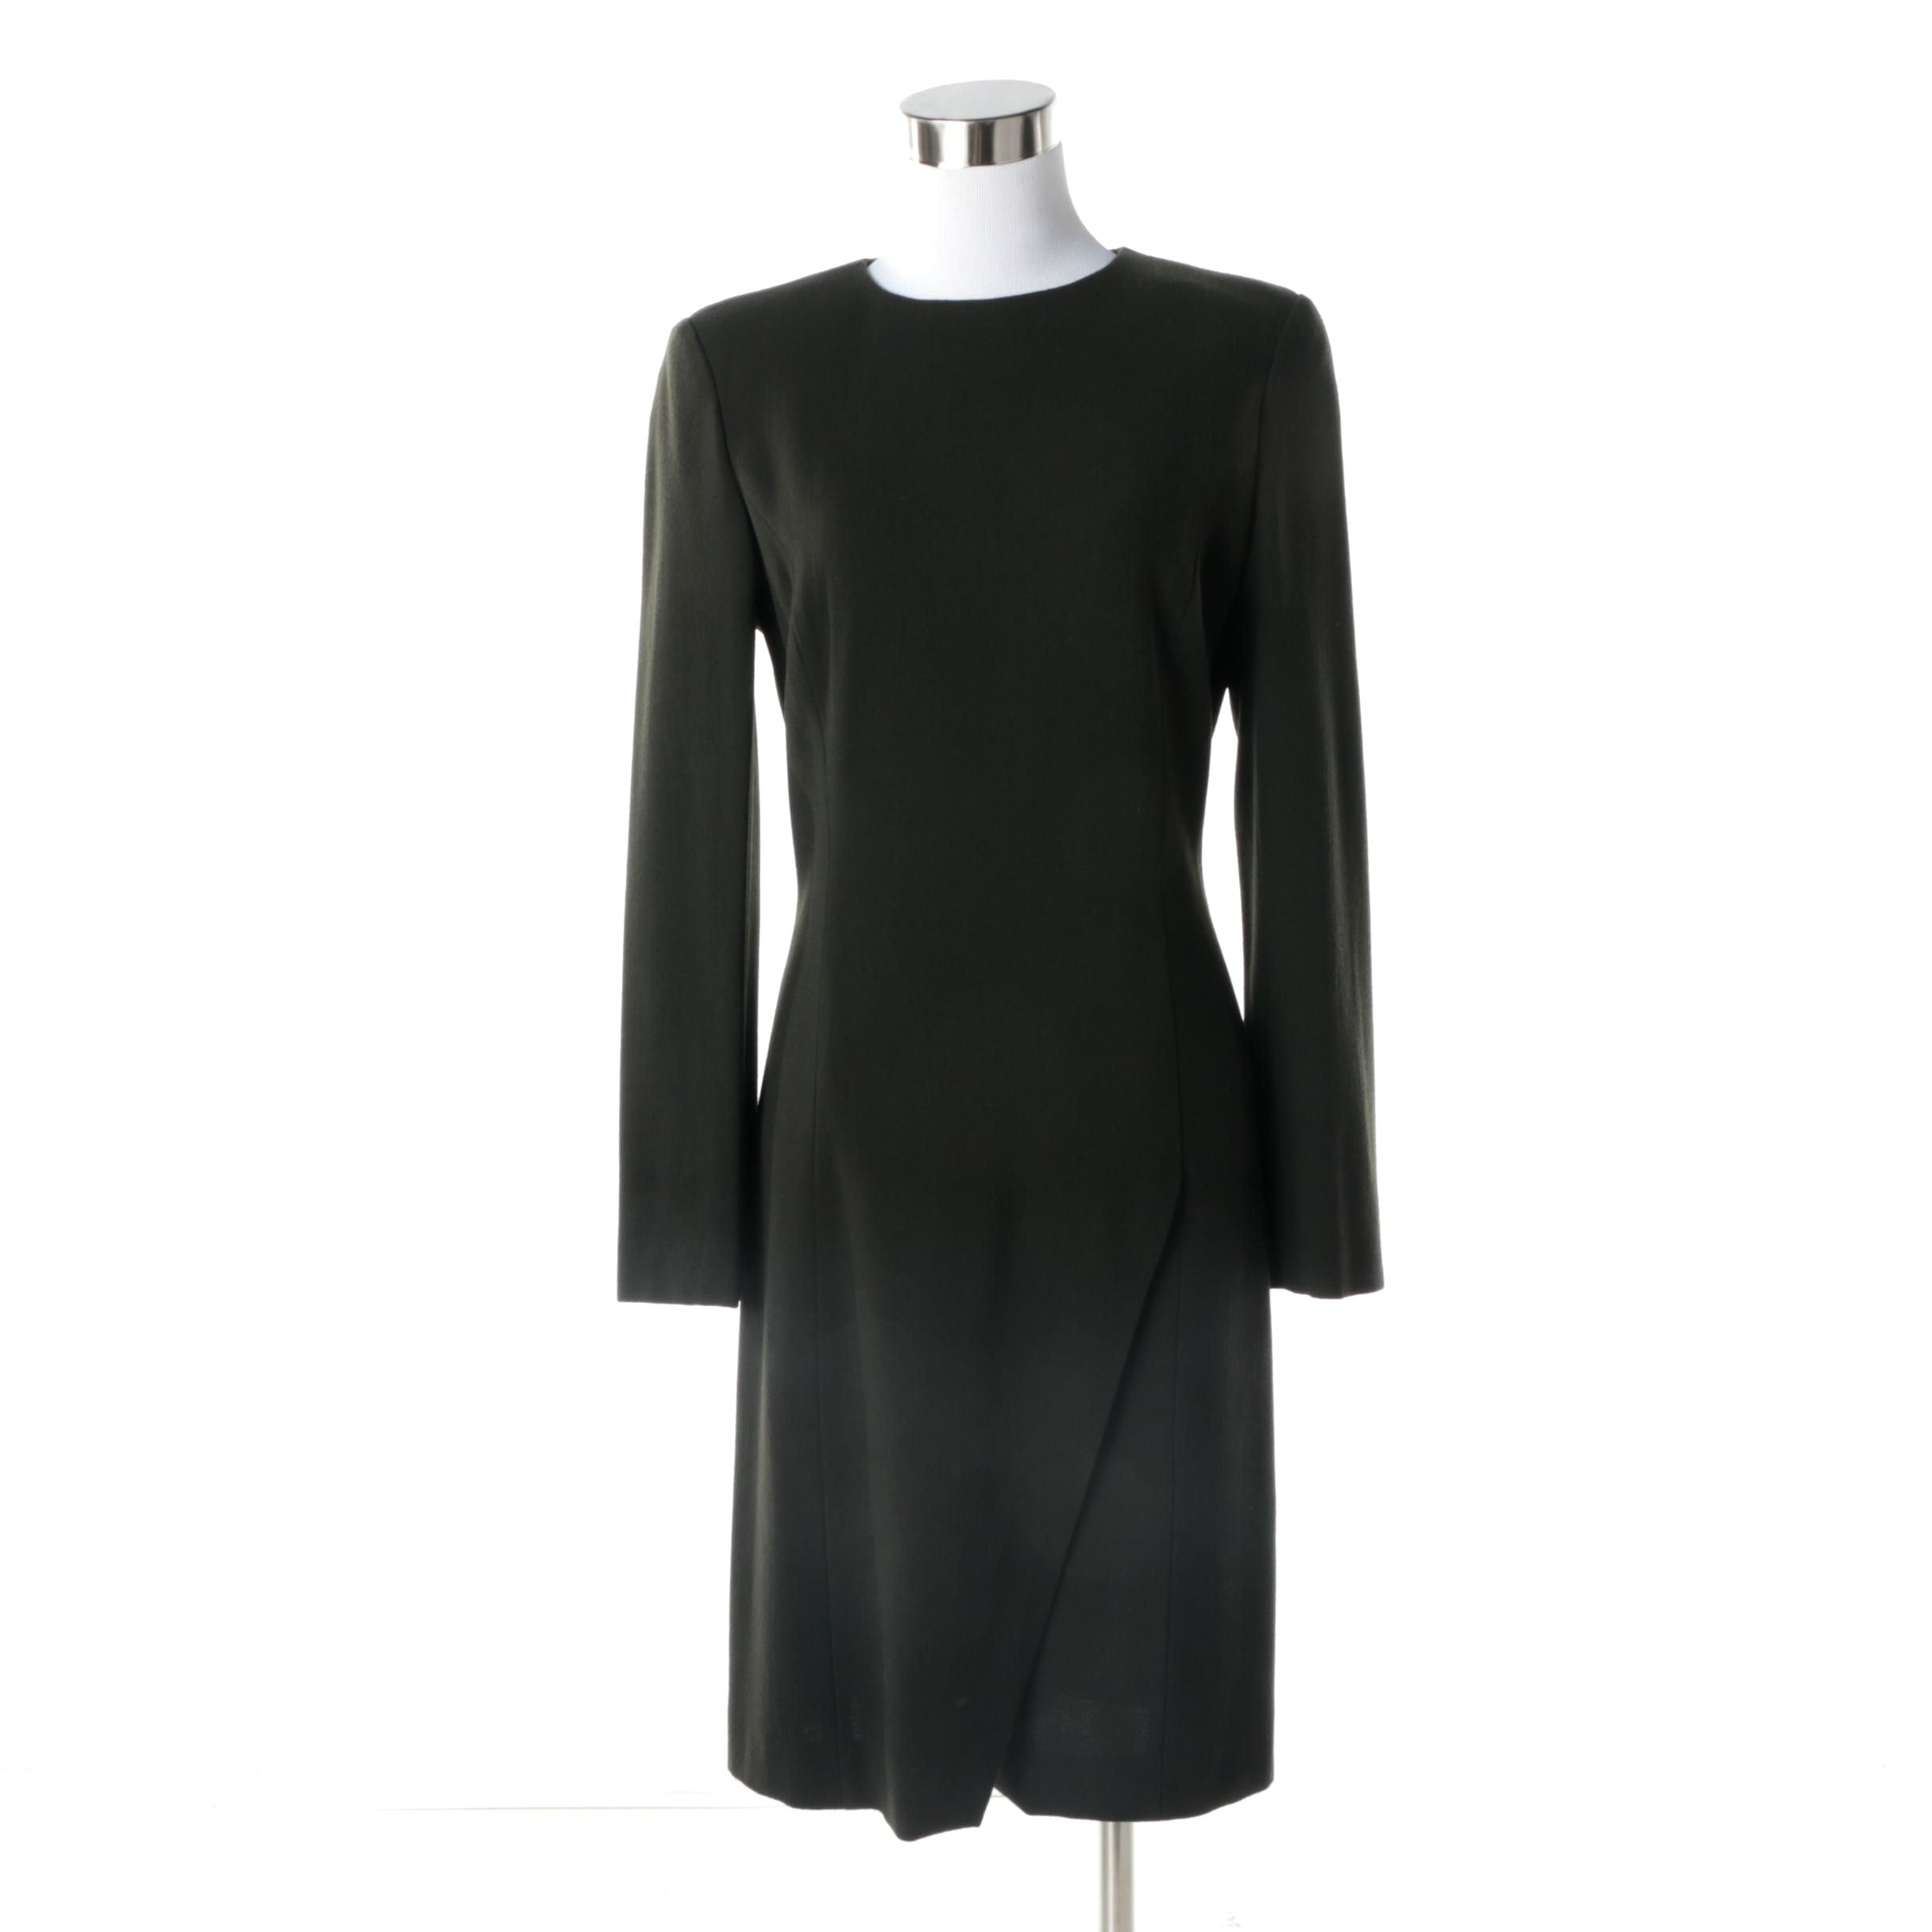 Women's Circa 1990s Giorgio Armani Le Collezioni Espresso Brown Wool Shift Dress